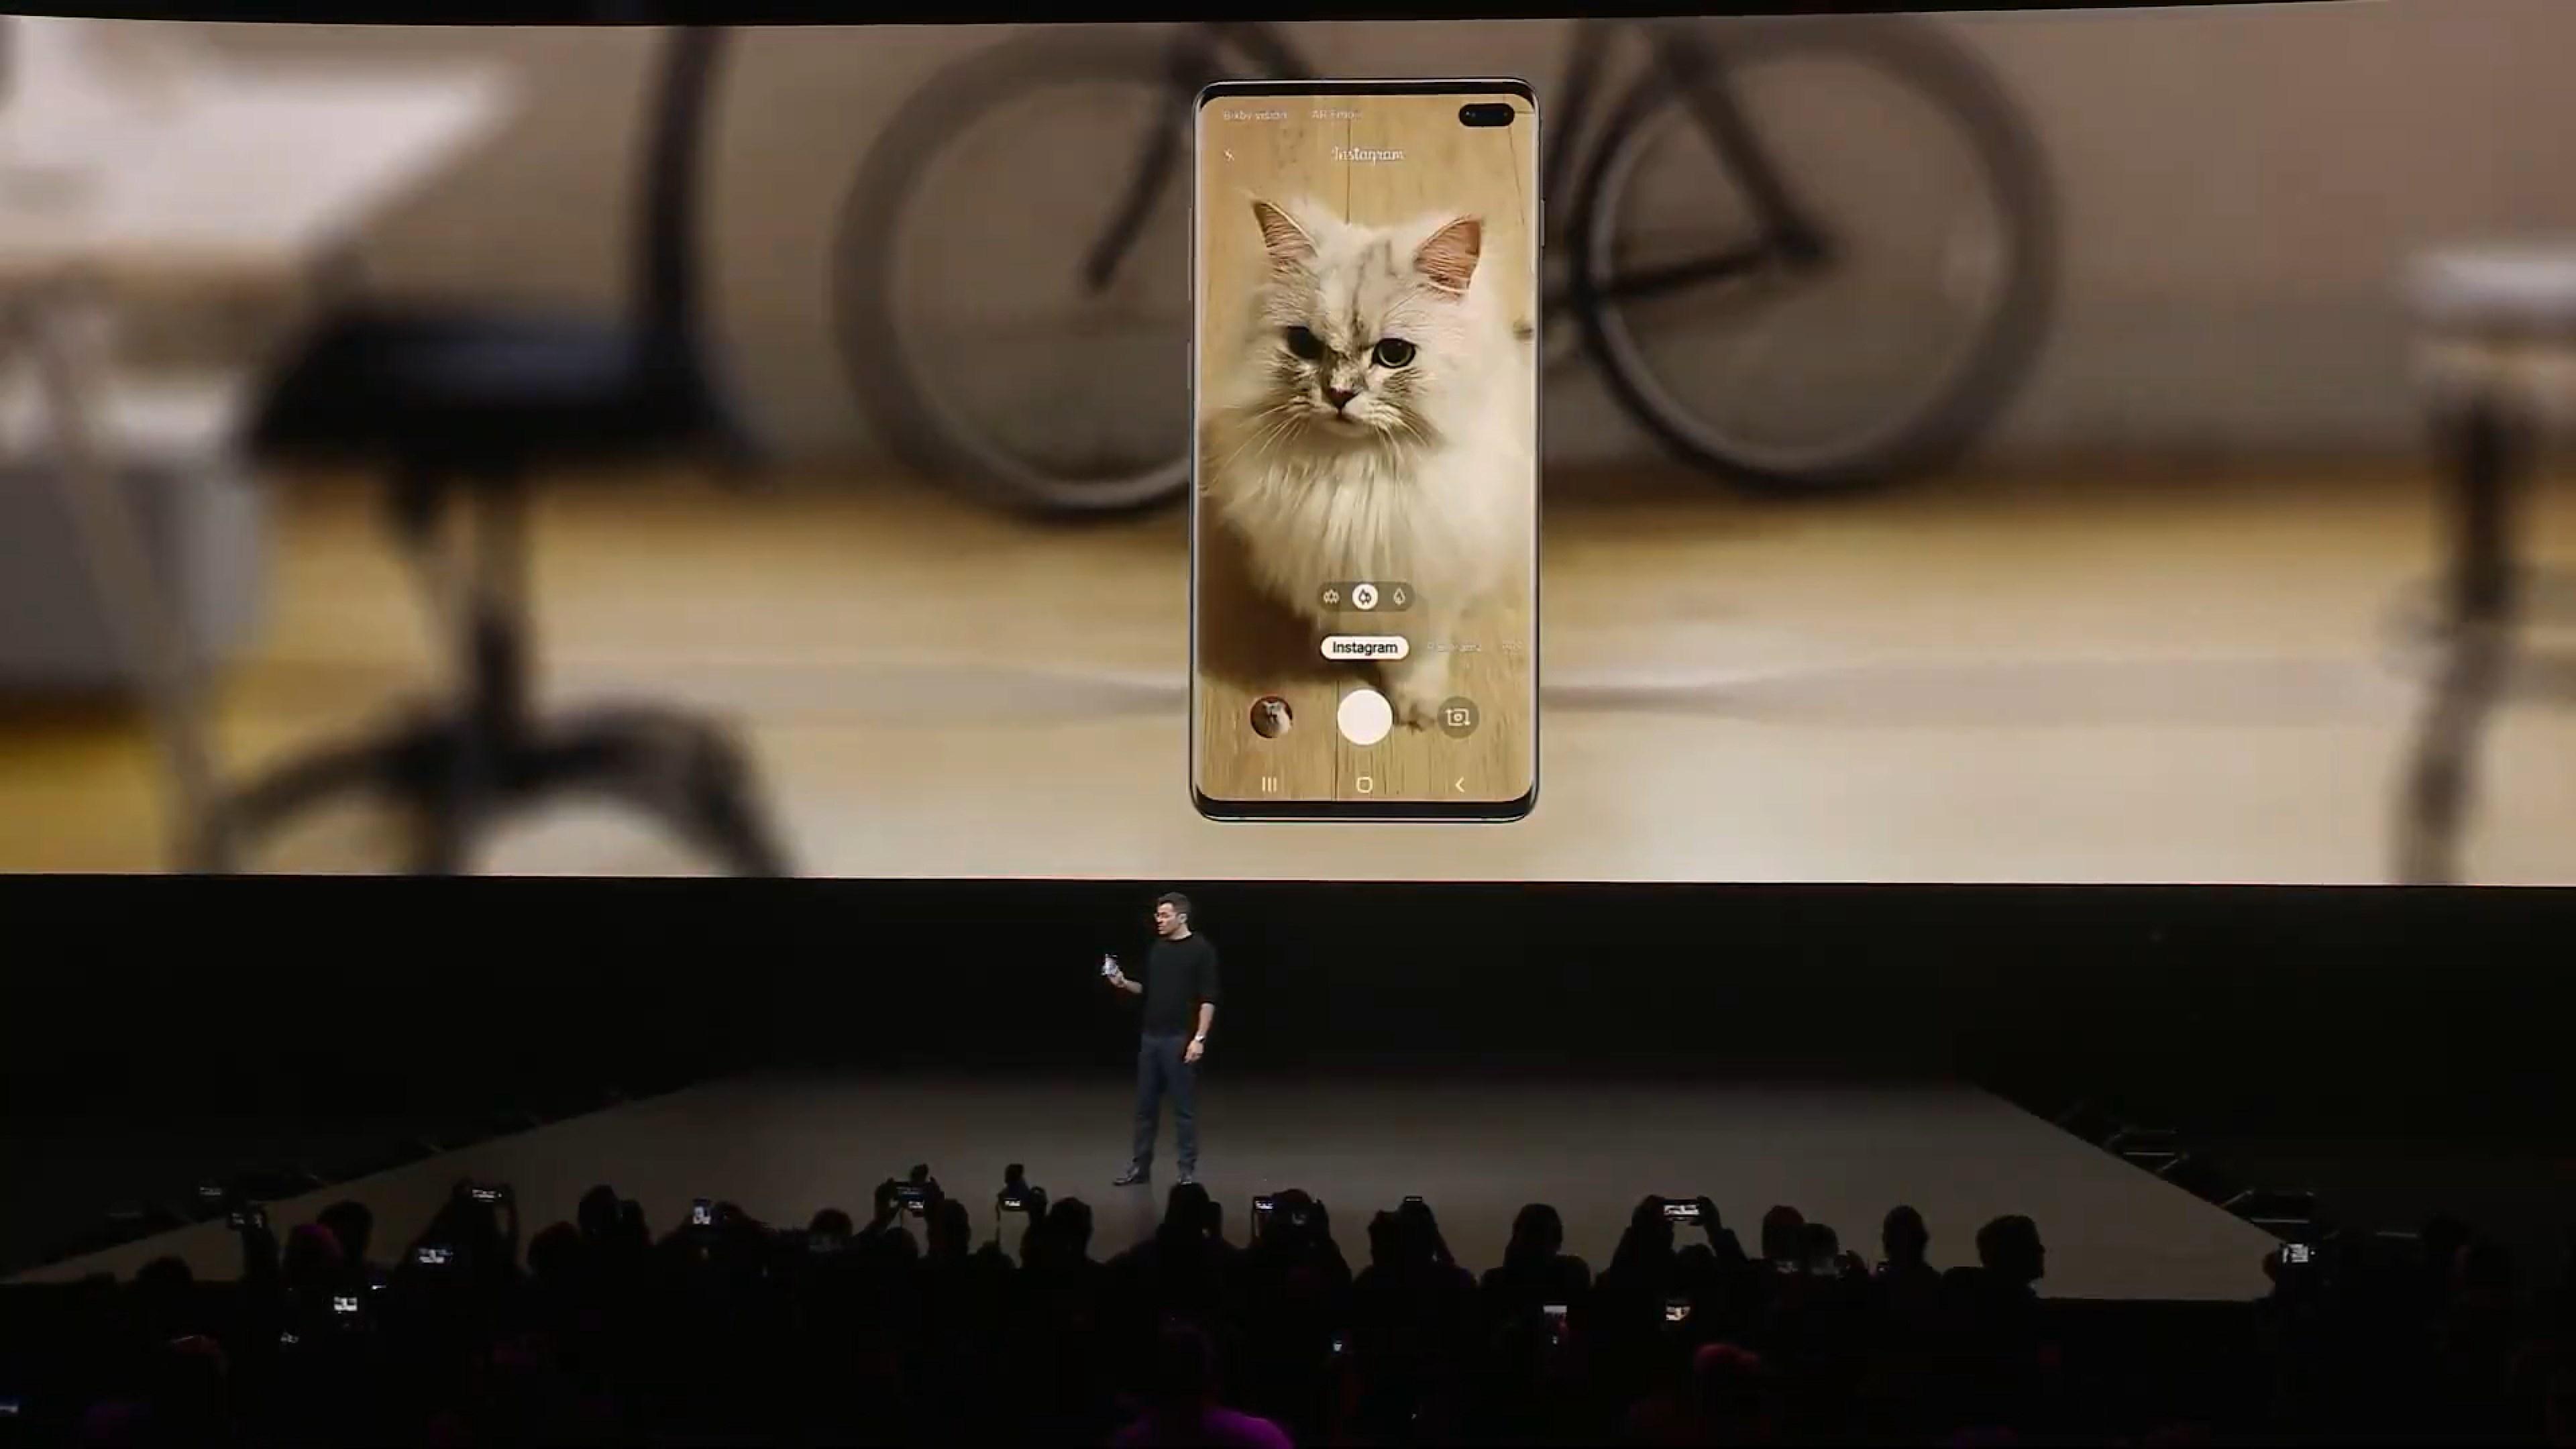 Le Samsung Galaxy S10 est le meilleur smartphone pour Instagram